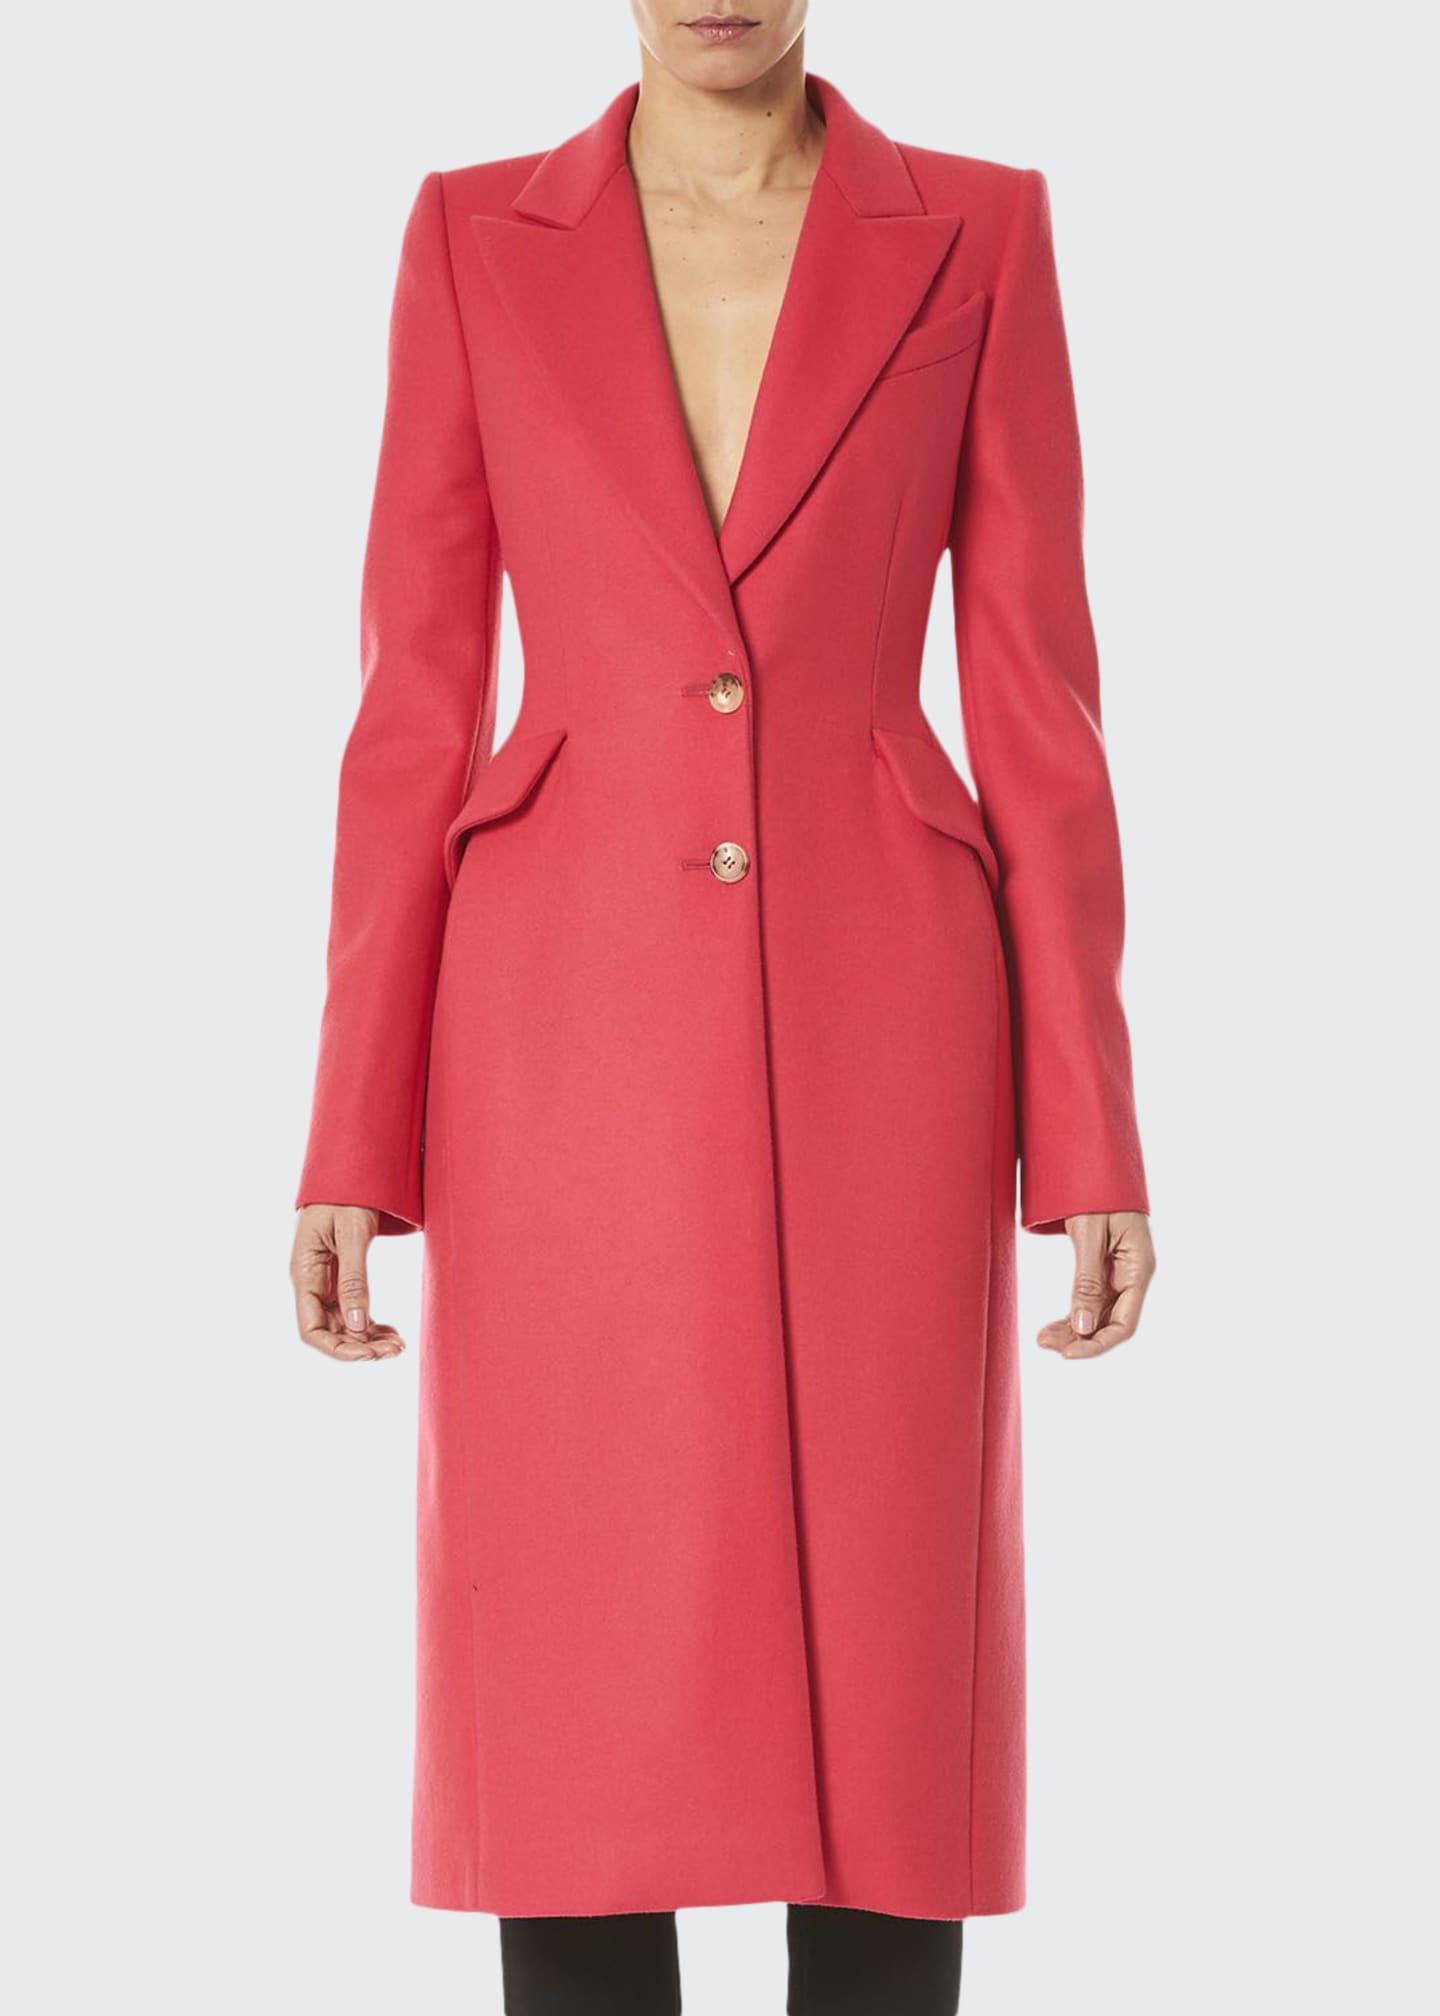 Carolina Herrera Long Wool Peak-Lapel Coat